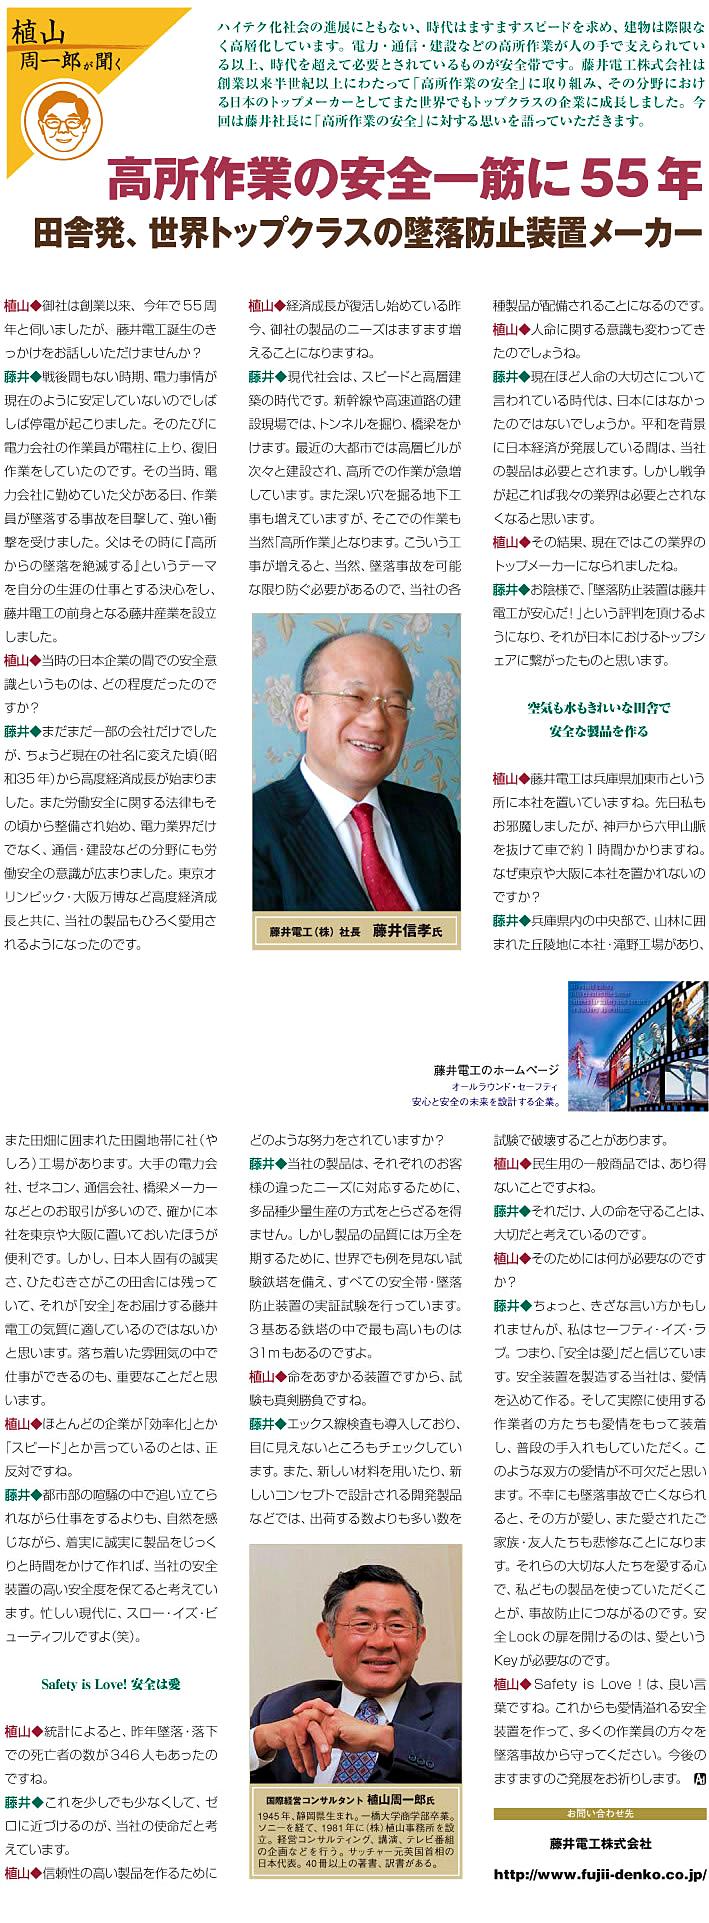 ツヨロン、TSUYORON藤井電工 日経ビジネス誌に会社記事掲載